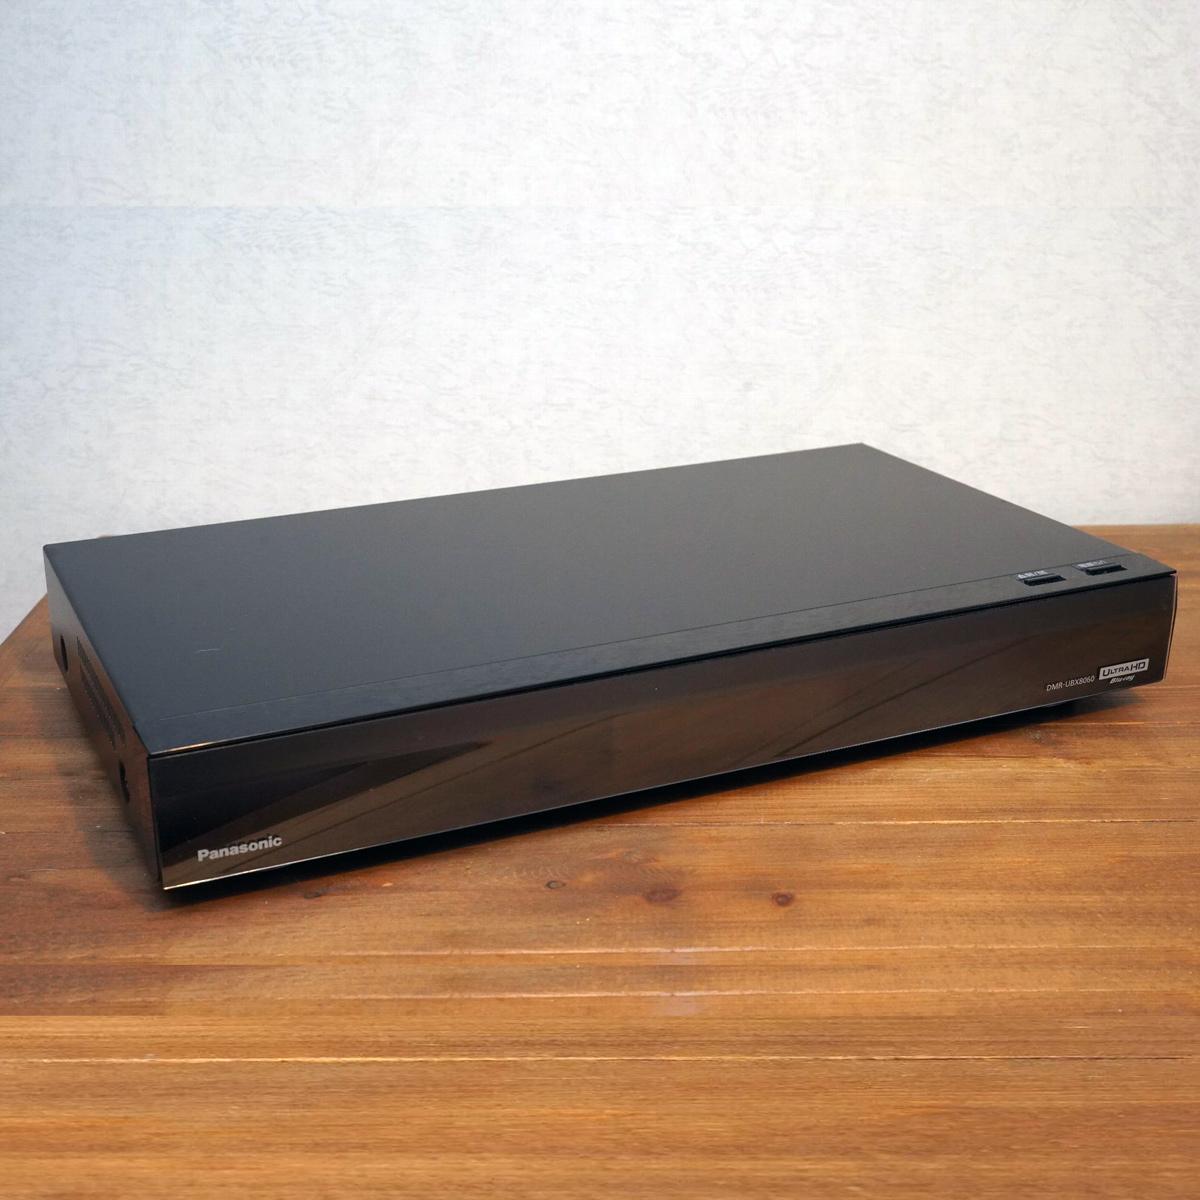 パナソニックの全録レコーダー「DMR-UBX8060」のスマホ連携が最強過ぎる!